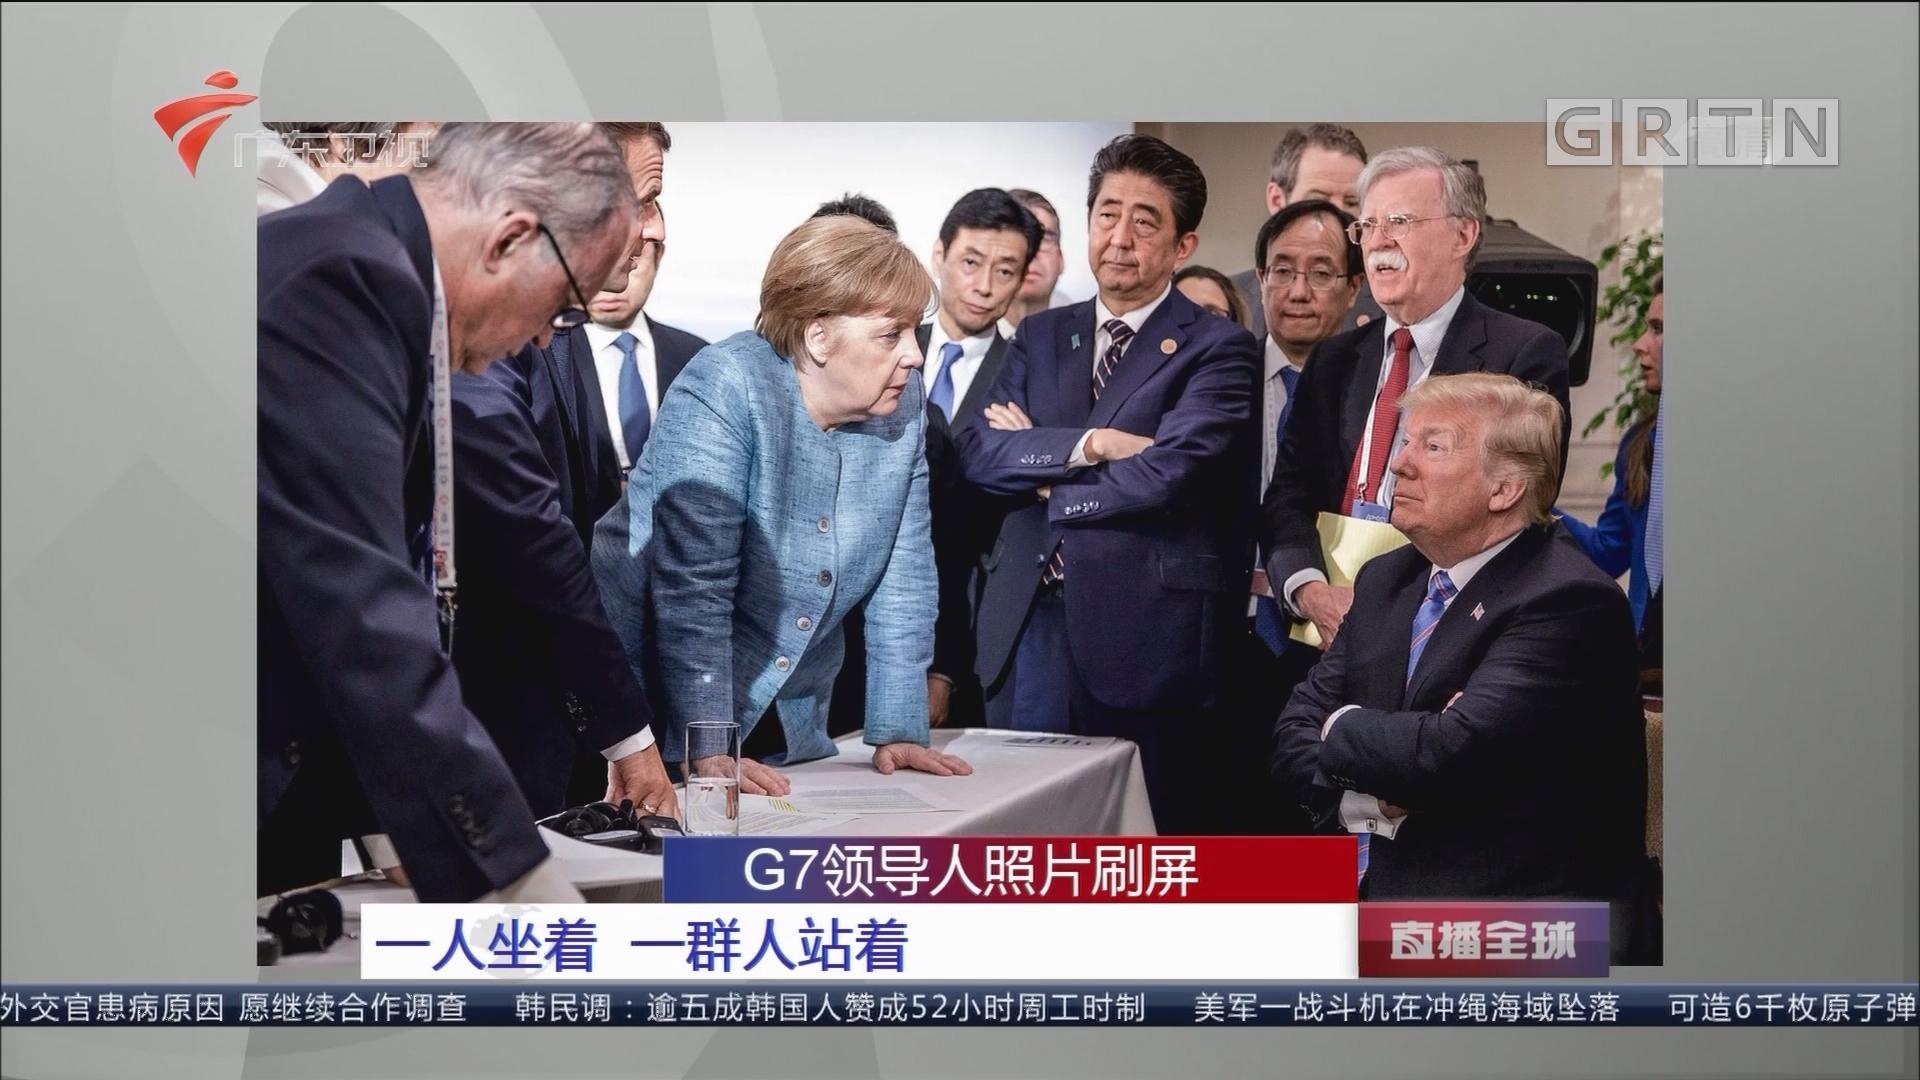 G7领导人照片刷屏:一人坐着 一群人站着